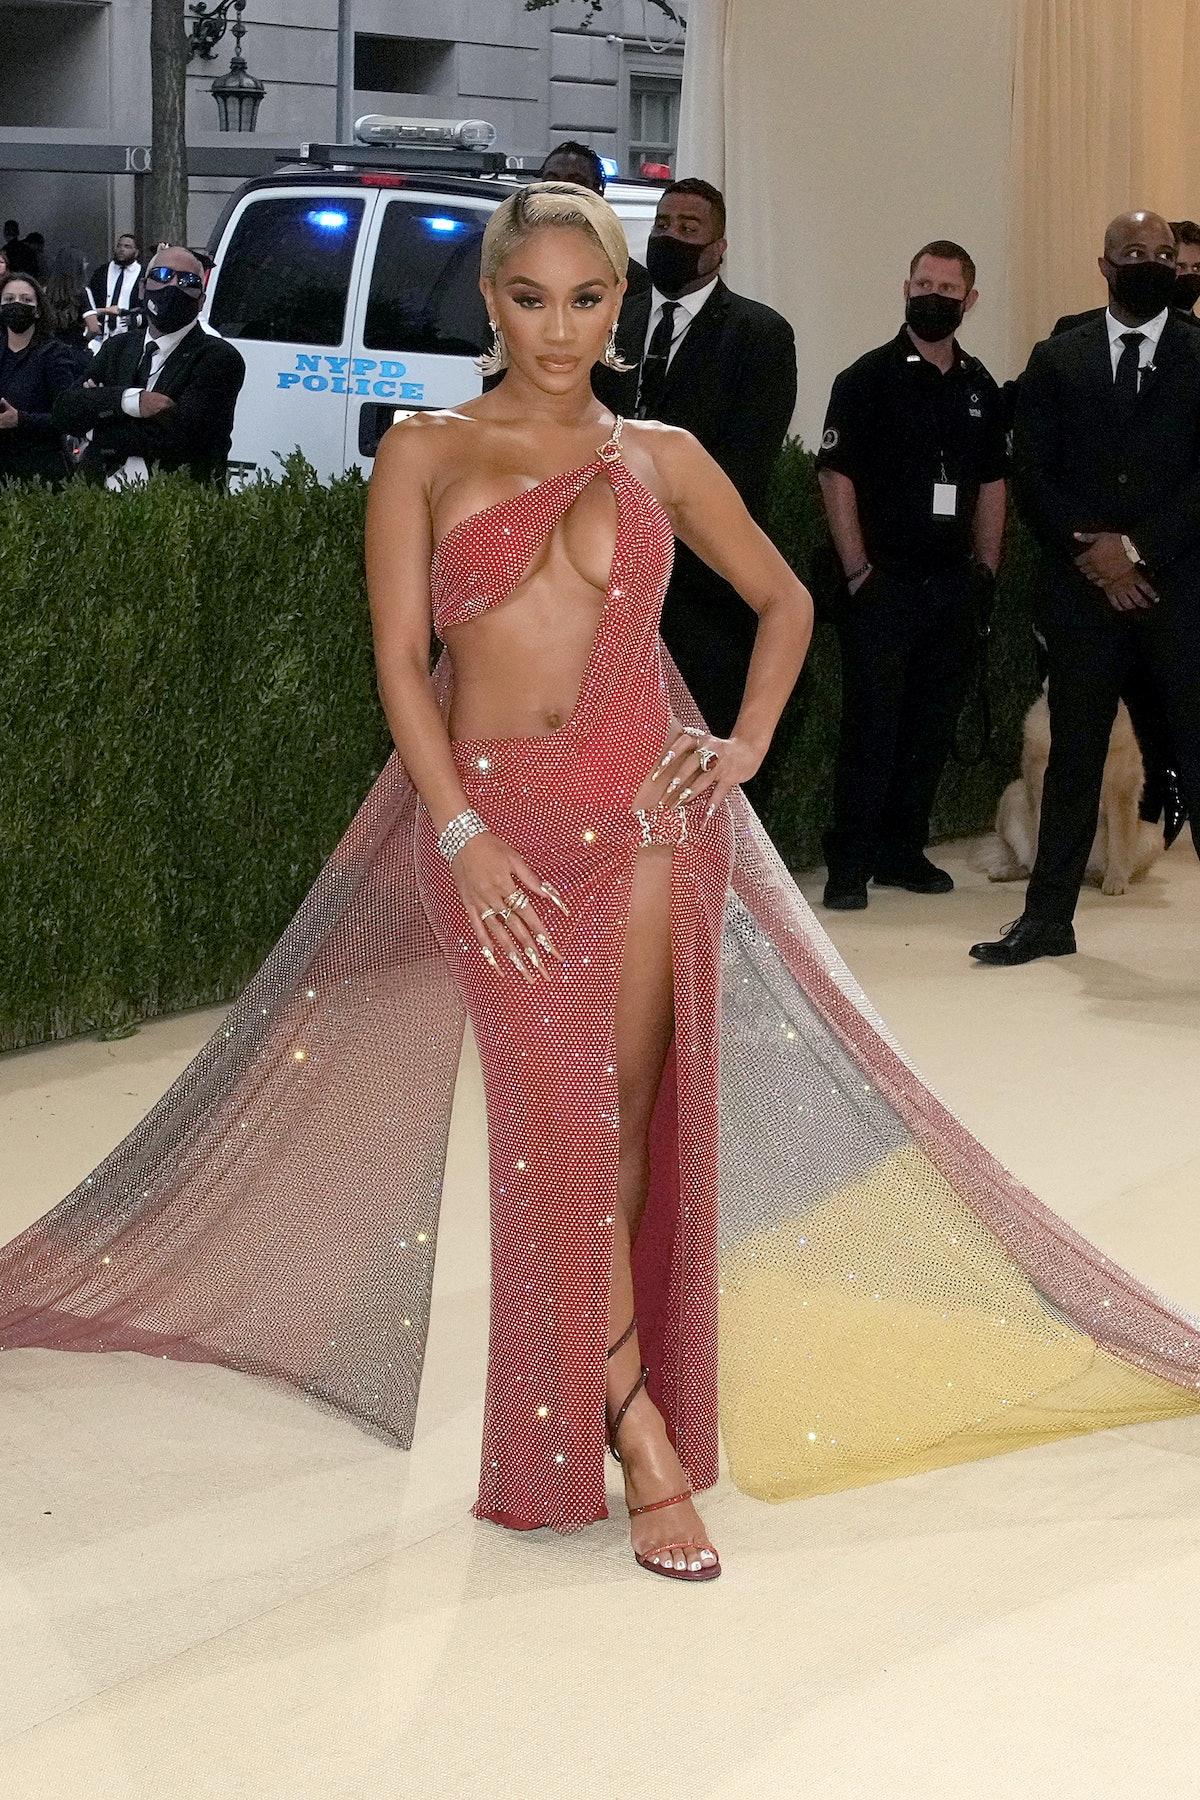 Met Gala 2021 fashion